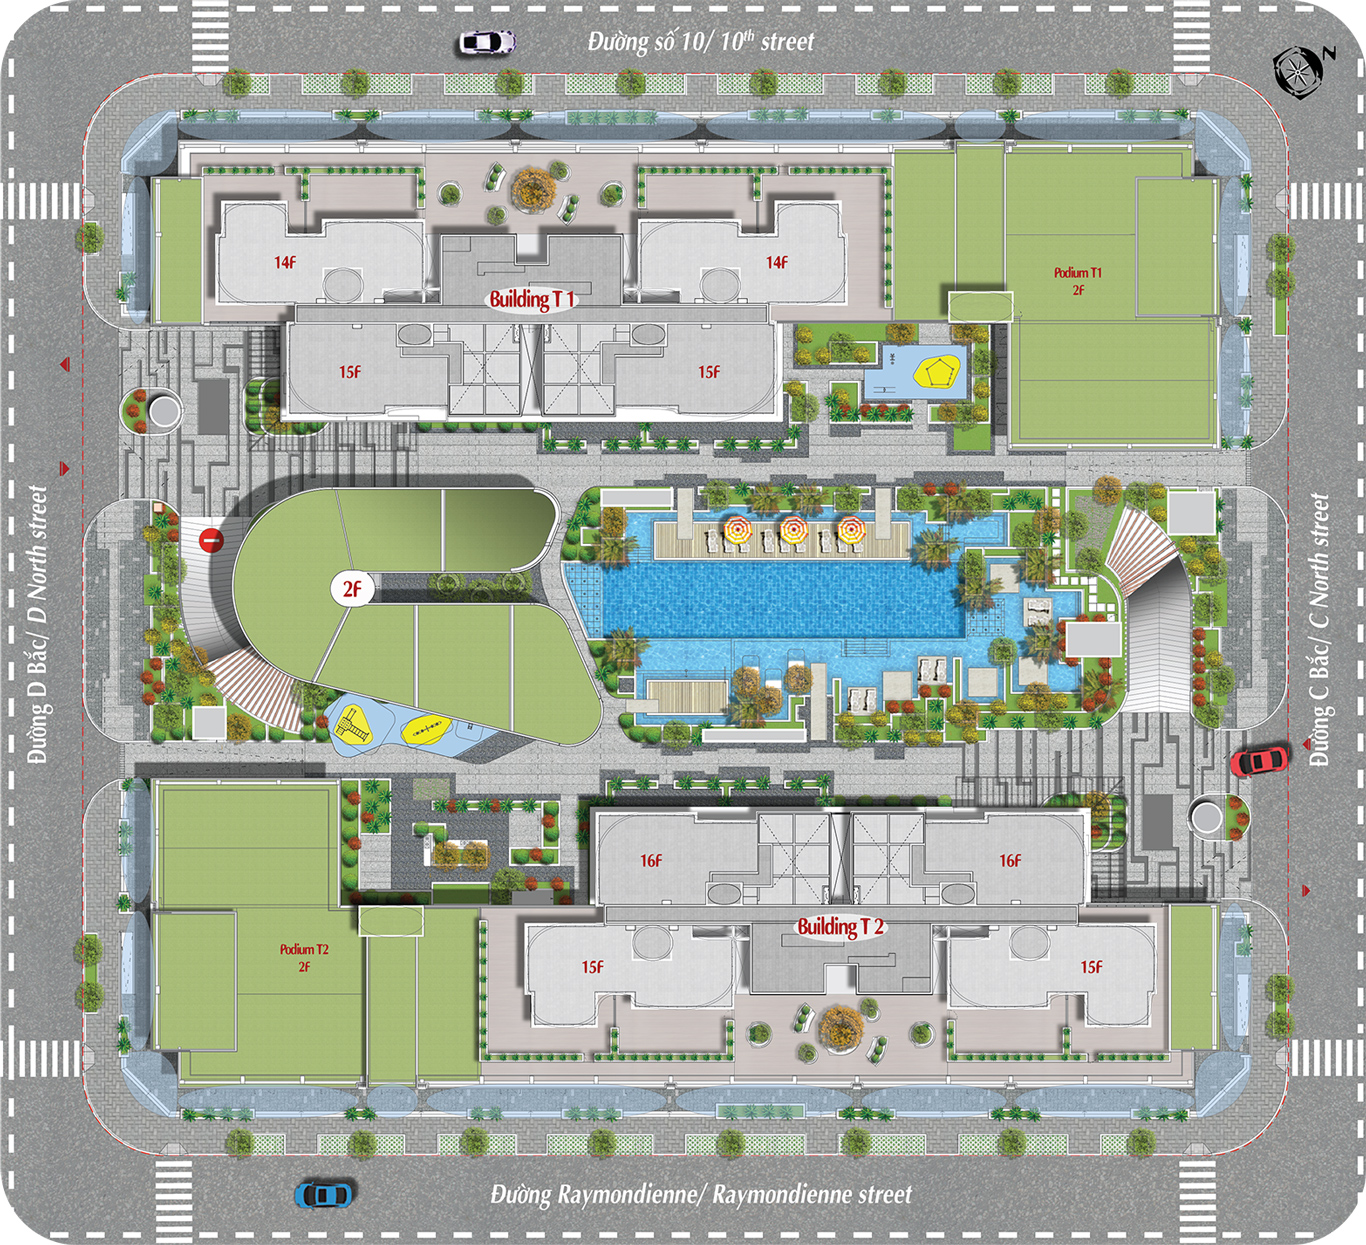 Mặt bằng dự án căn hộ Cardinal Court Phú Mỹ Hưng